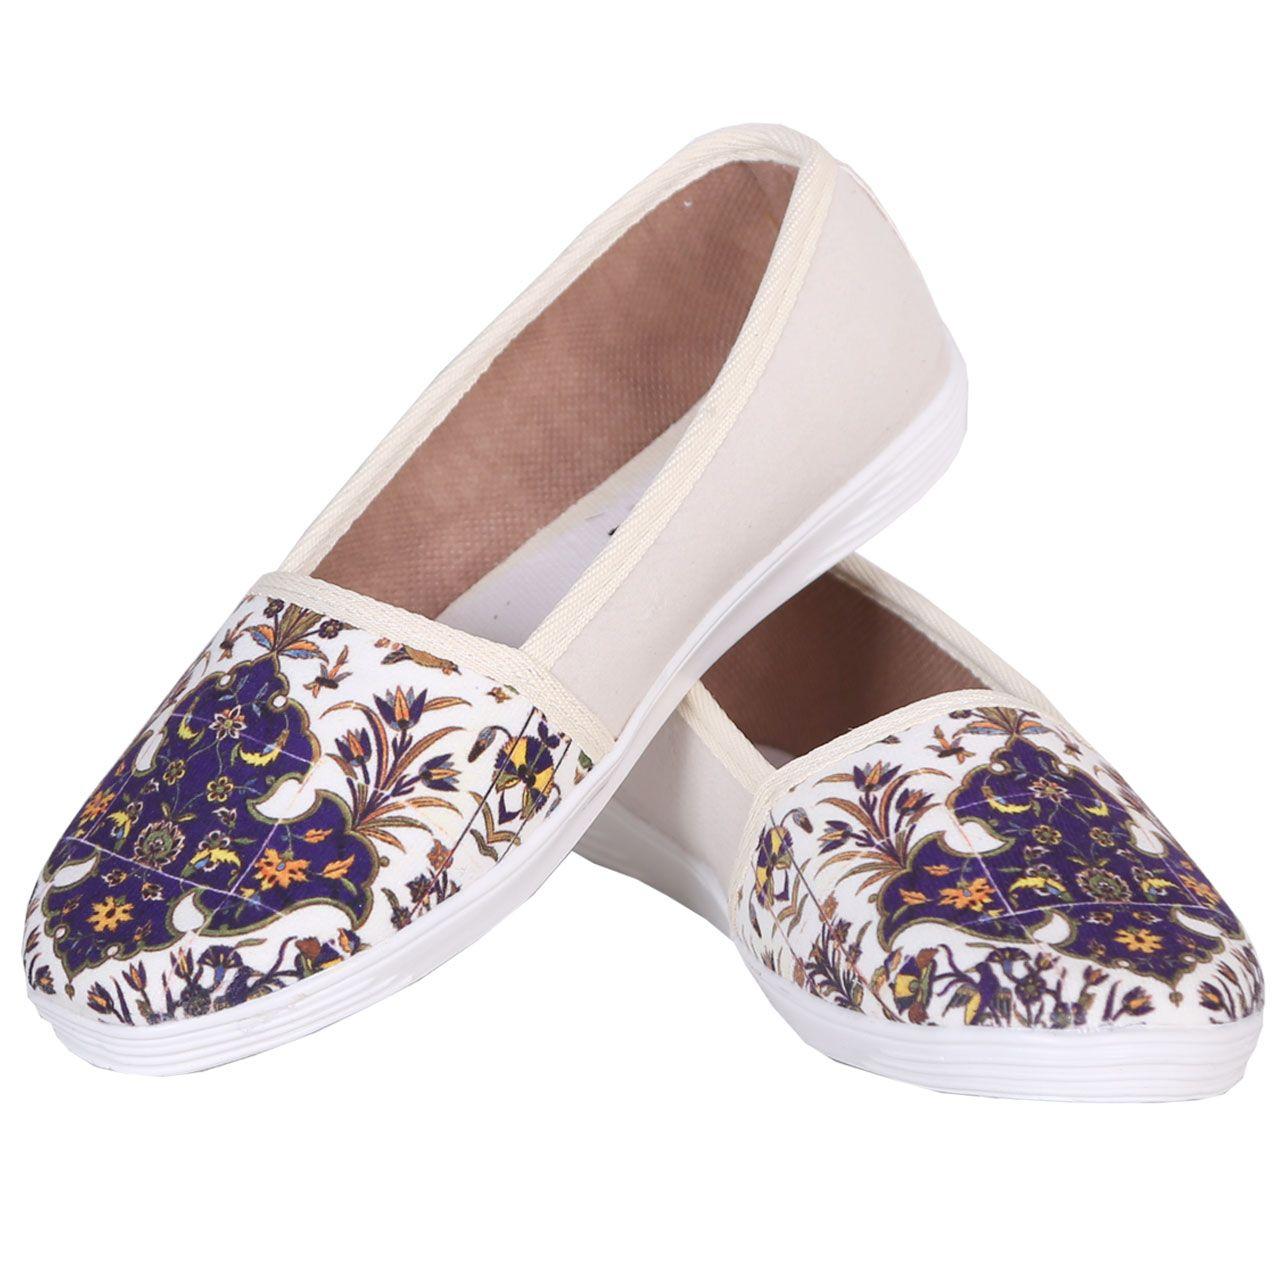 ست کیف و کفش زنانه طرح کاشی کد sg810 main 1 3